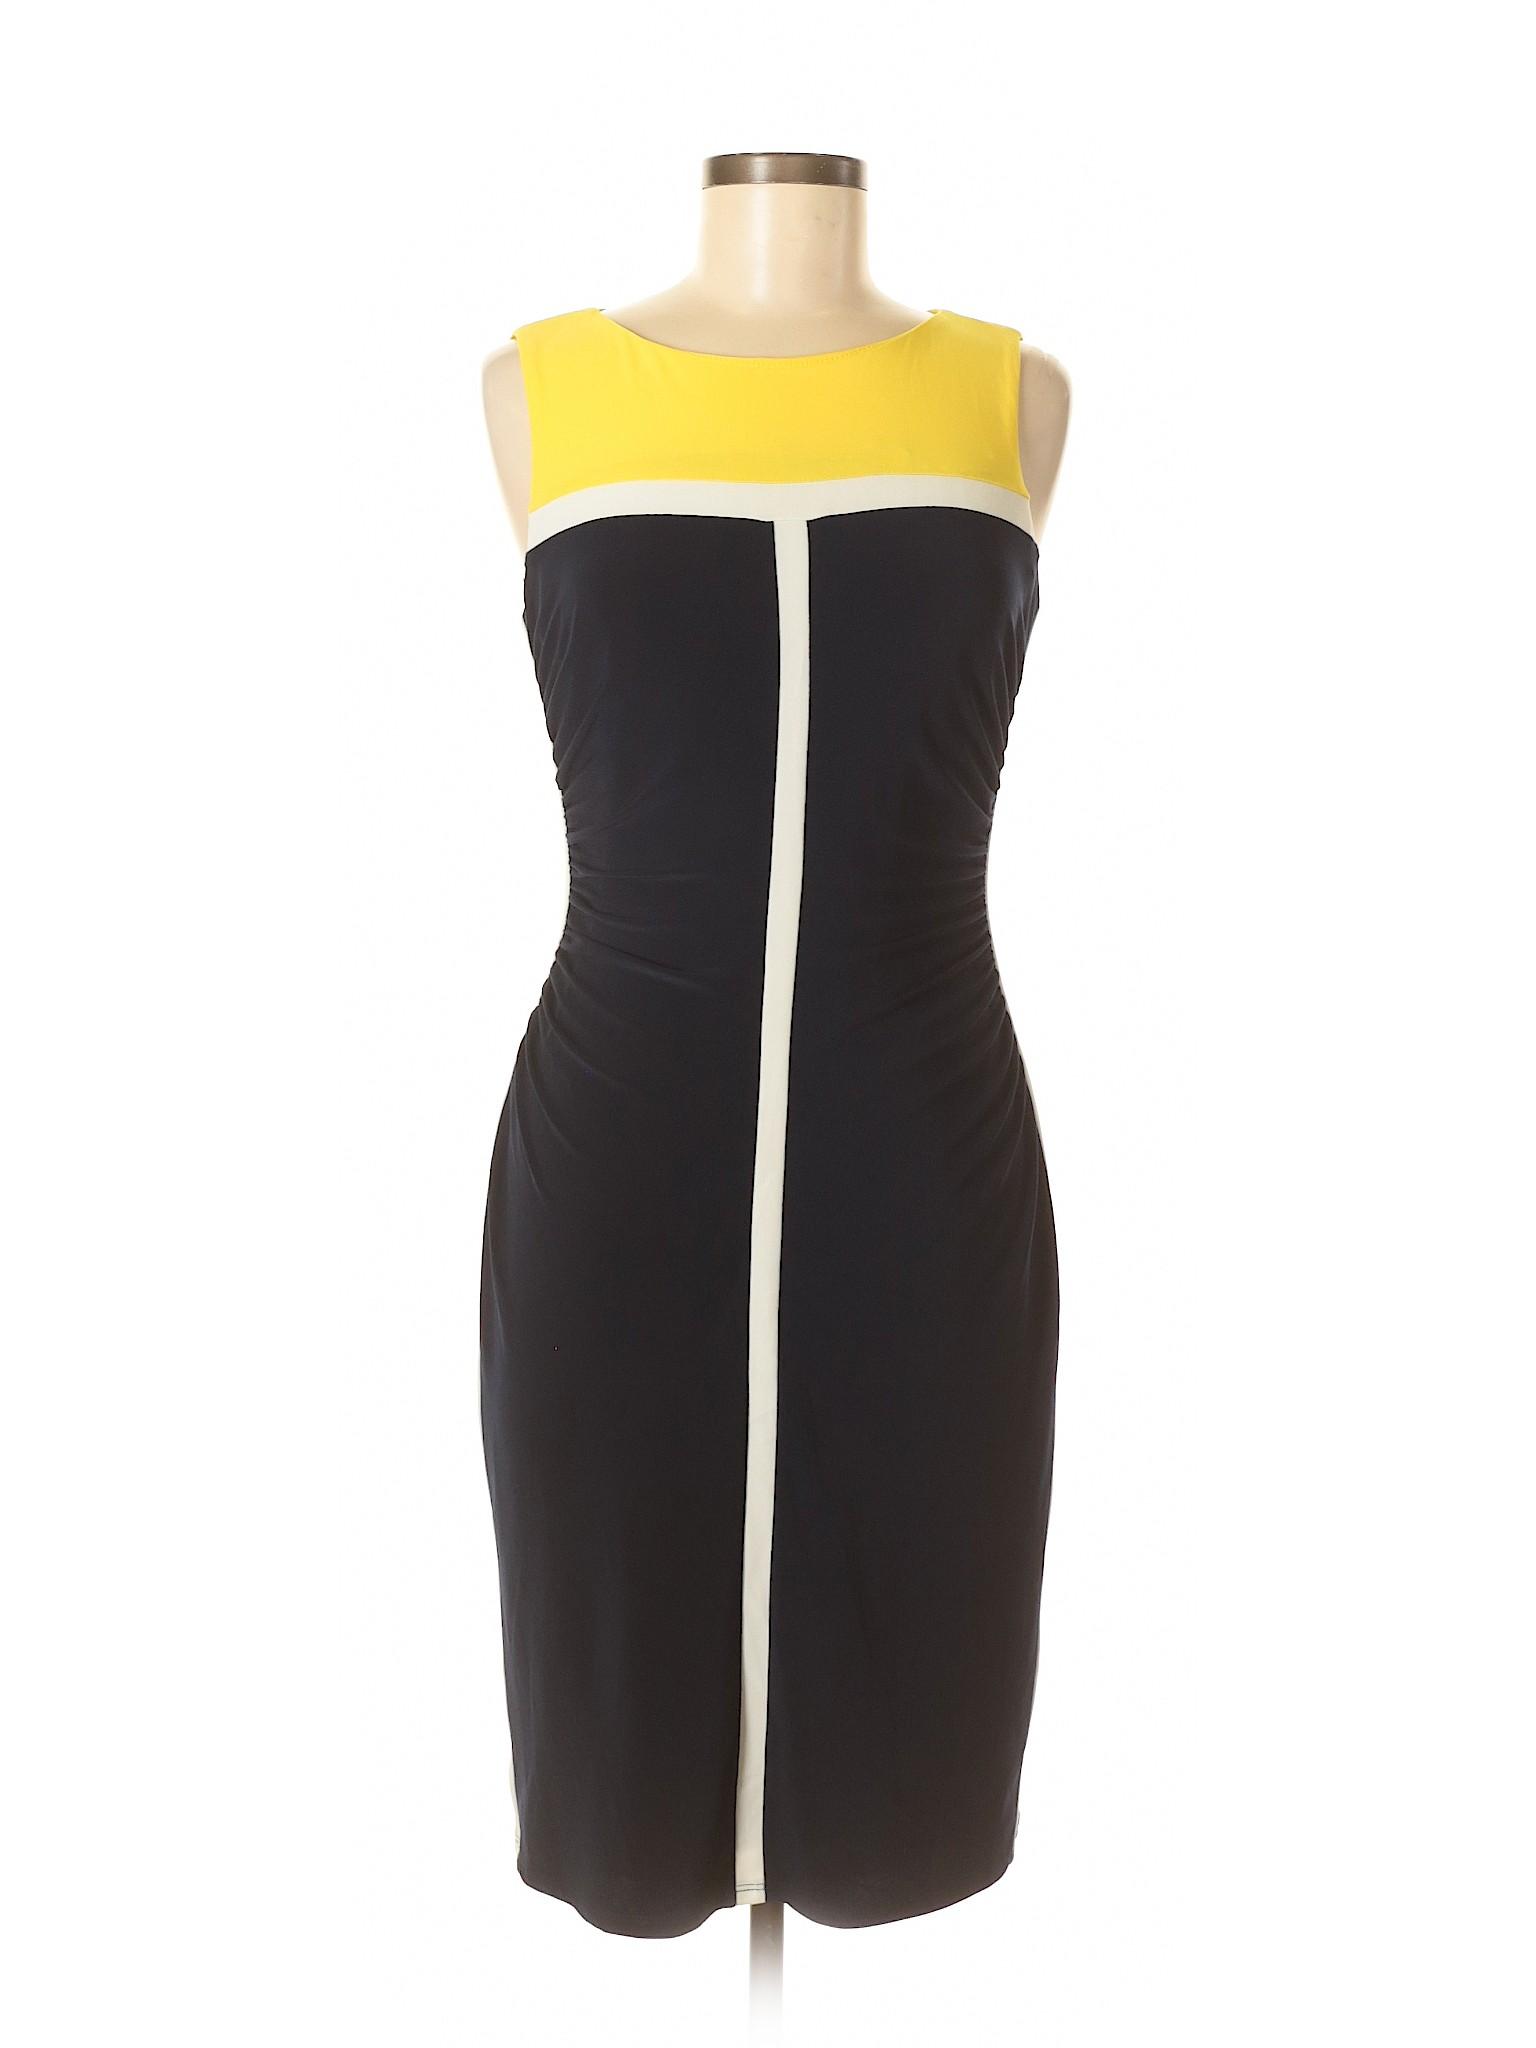 Casual by Lauren Selling Lauren Ralph Dress qOPnwAB